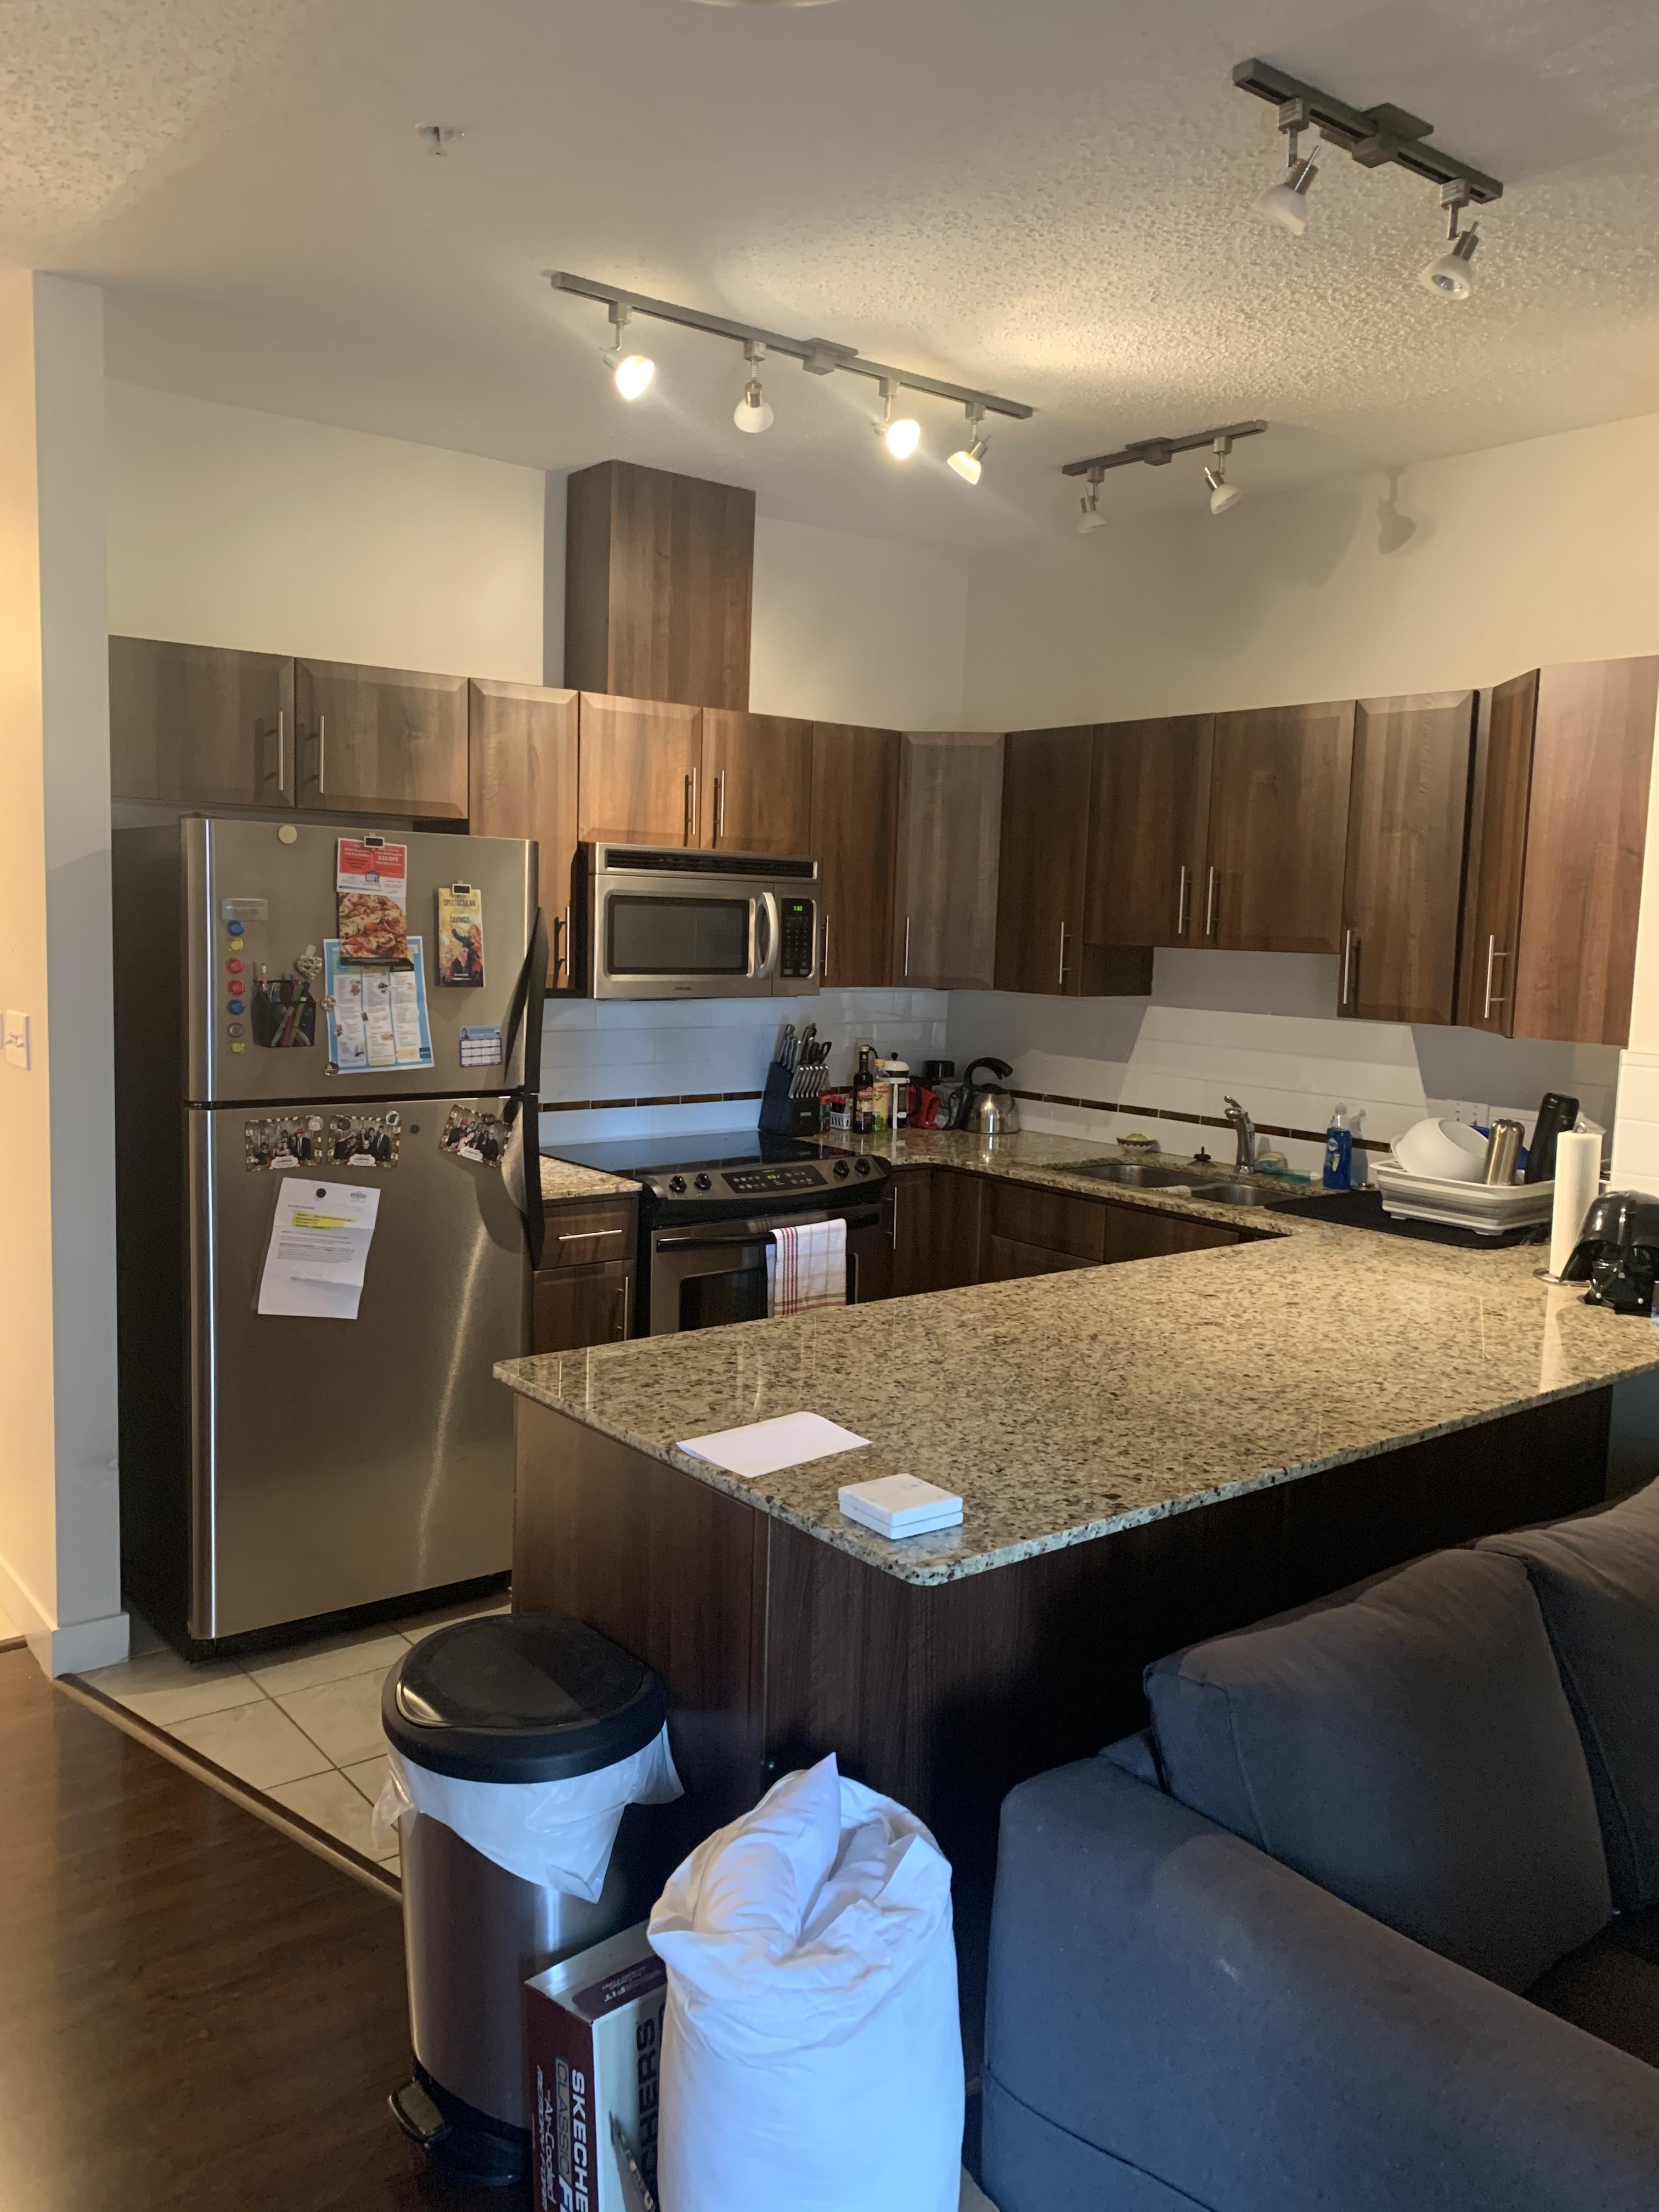 2 Bedroom condo in the Venetian. $1500/month